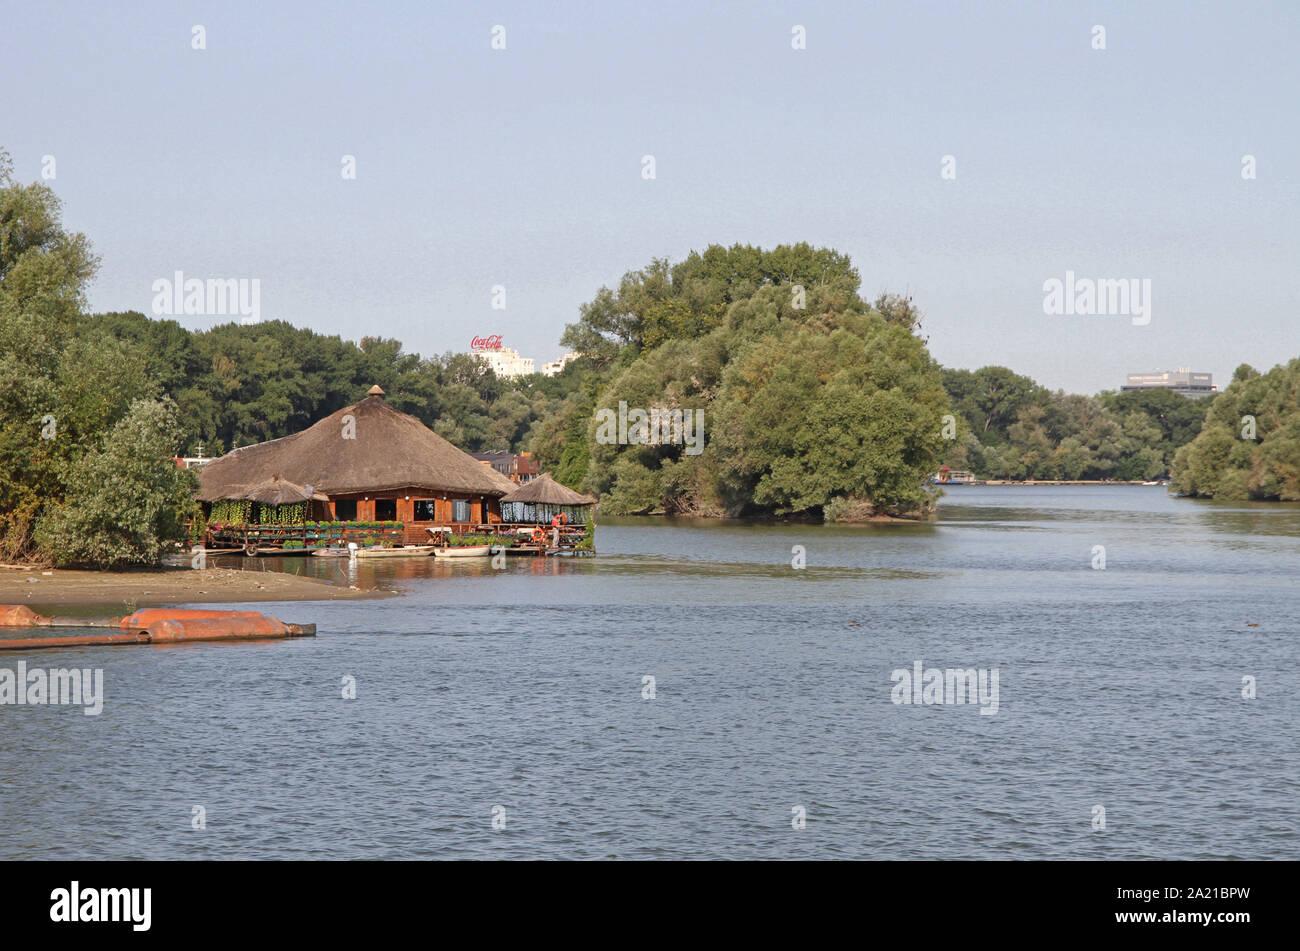 Vista de la entrada a Veliko Ratno Ostrvo (Gran Guerra Island) en la confluencia de los ríos Danube-Sava, Belgrado, Serbia. Foto de stock